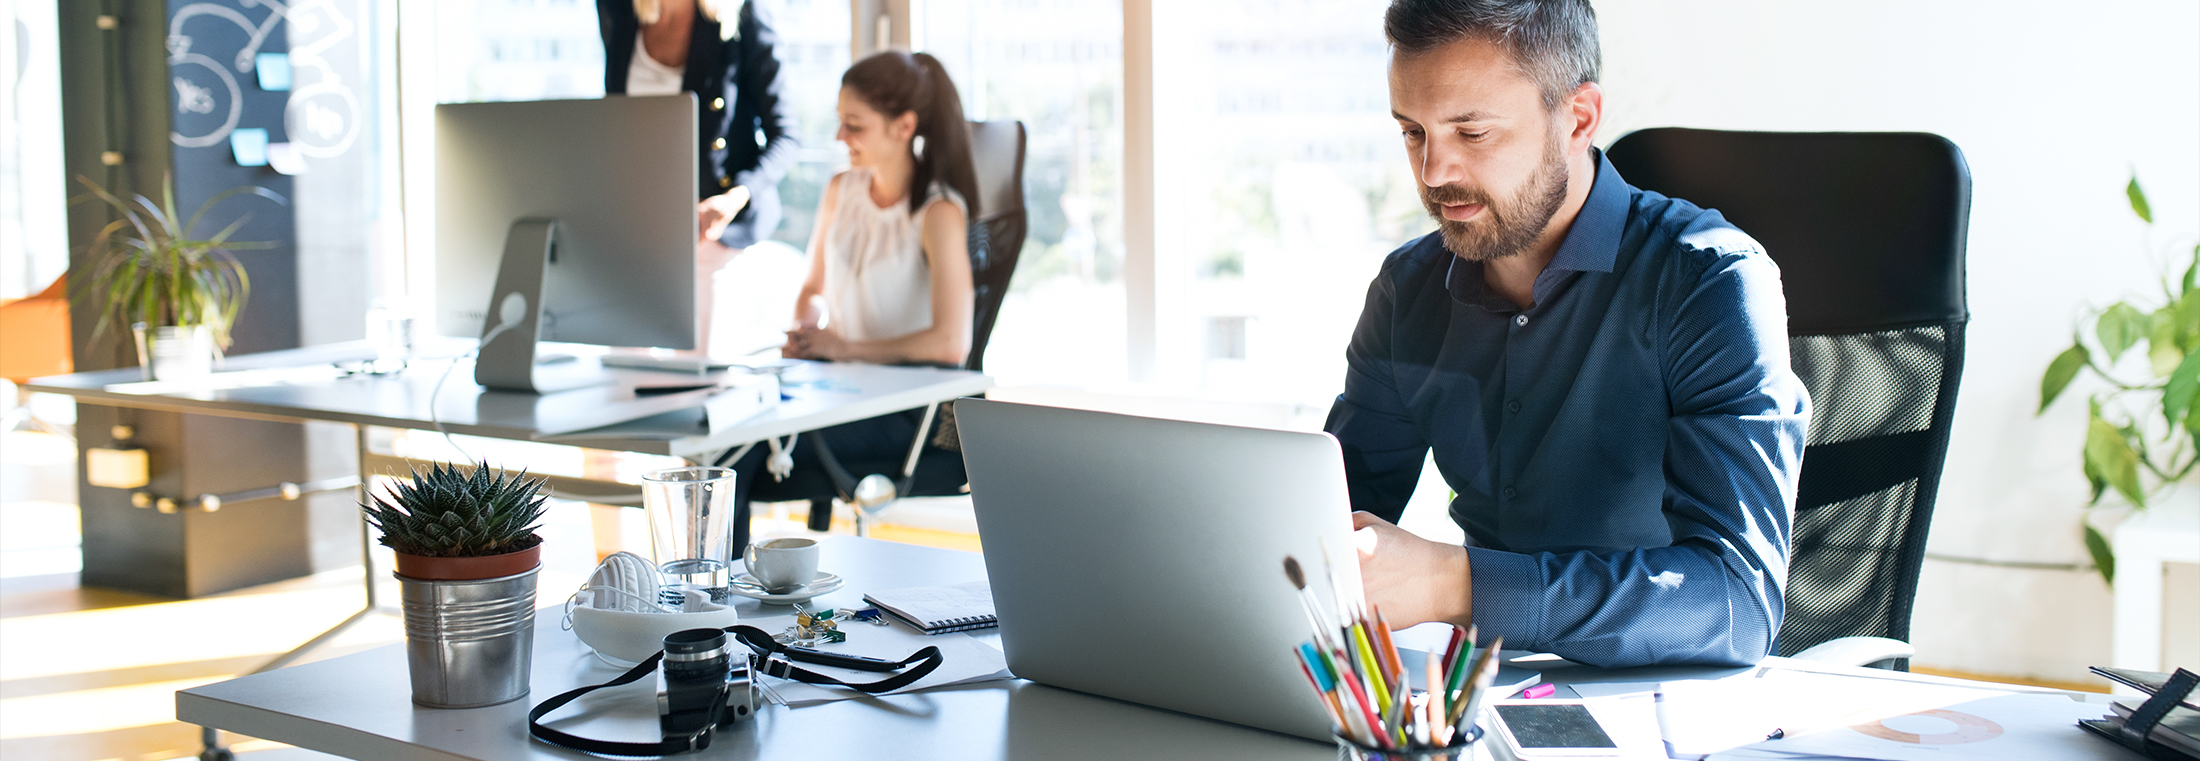 Unterweisungen effizienter gestalten mit der Online-Plattform für webbasiertes E-Learning